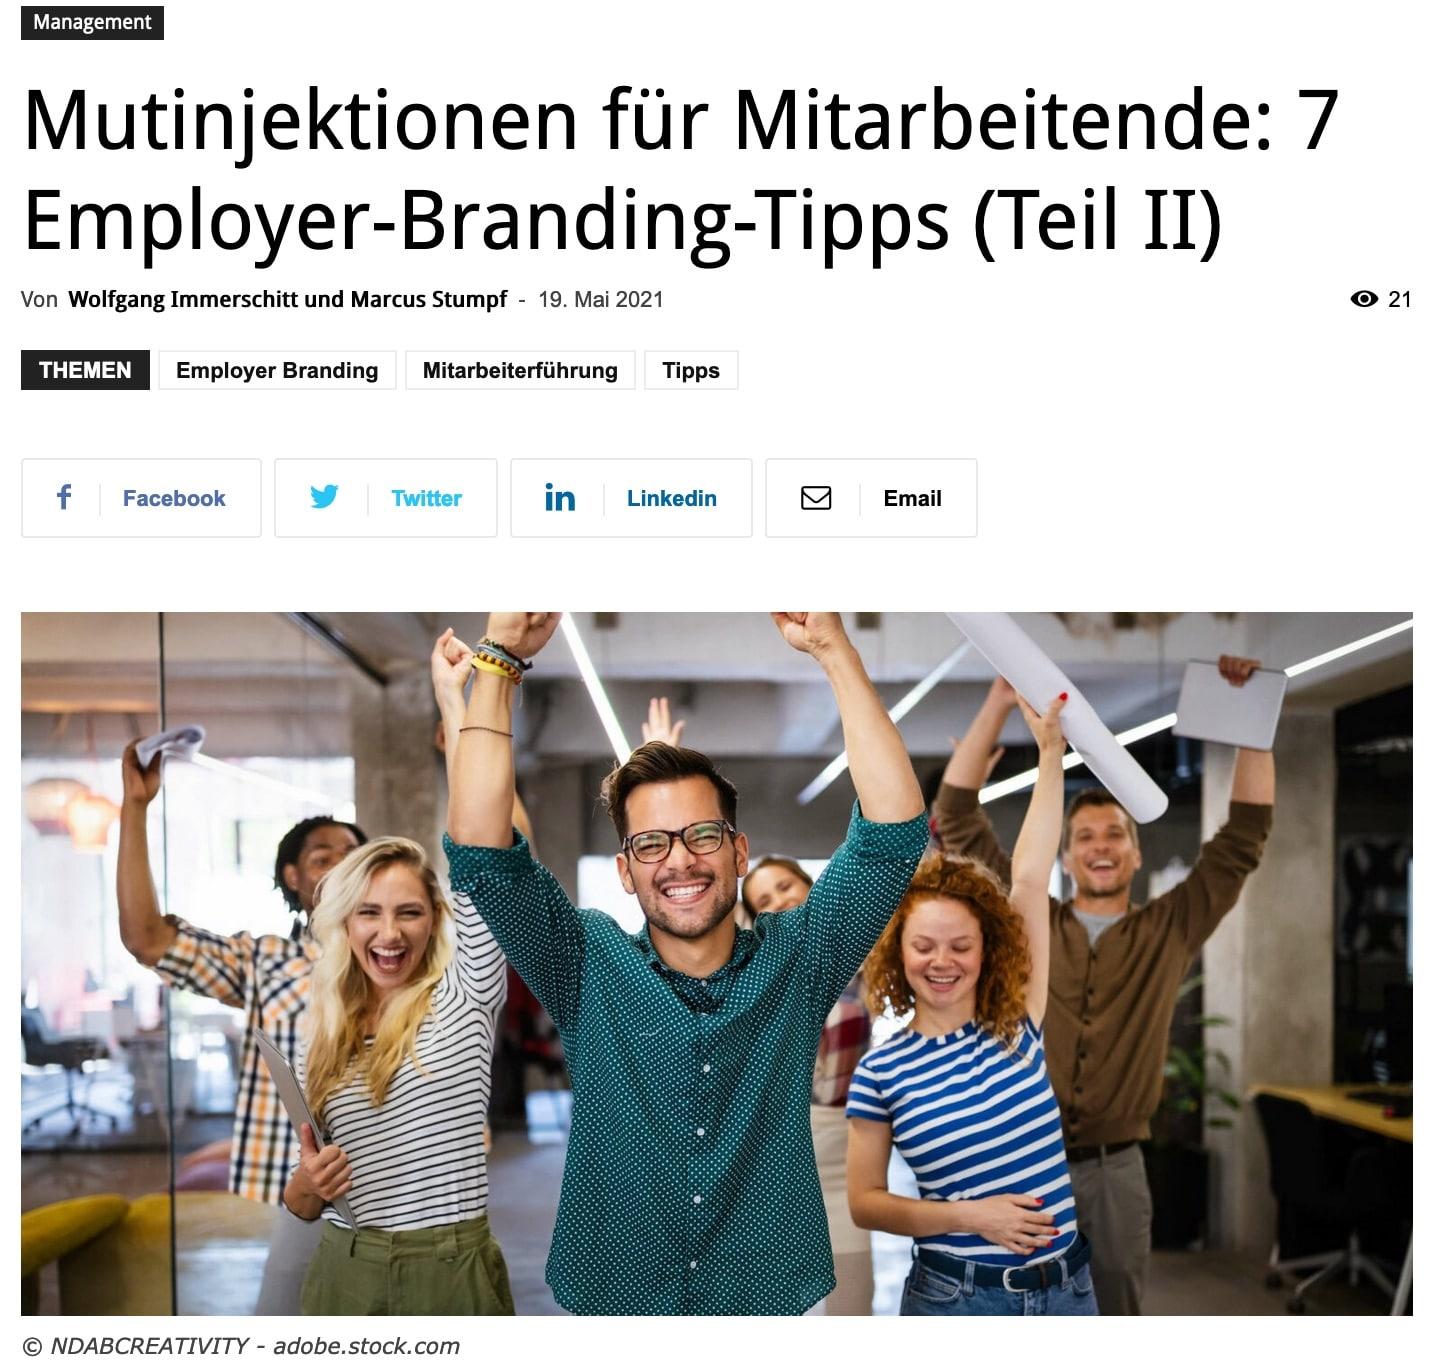 Mutinjektionen für Mitarbeitende: 7 Employer-Branding-Tipps (Teil2)